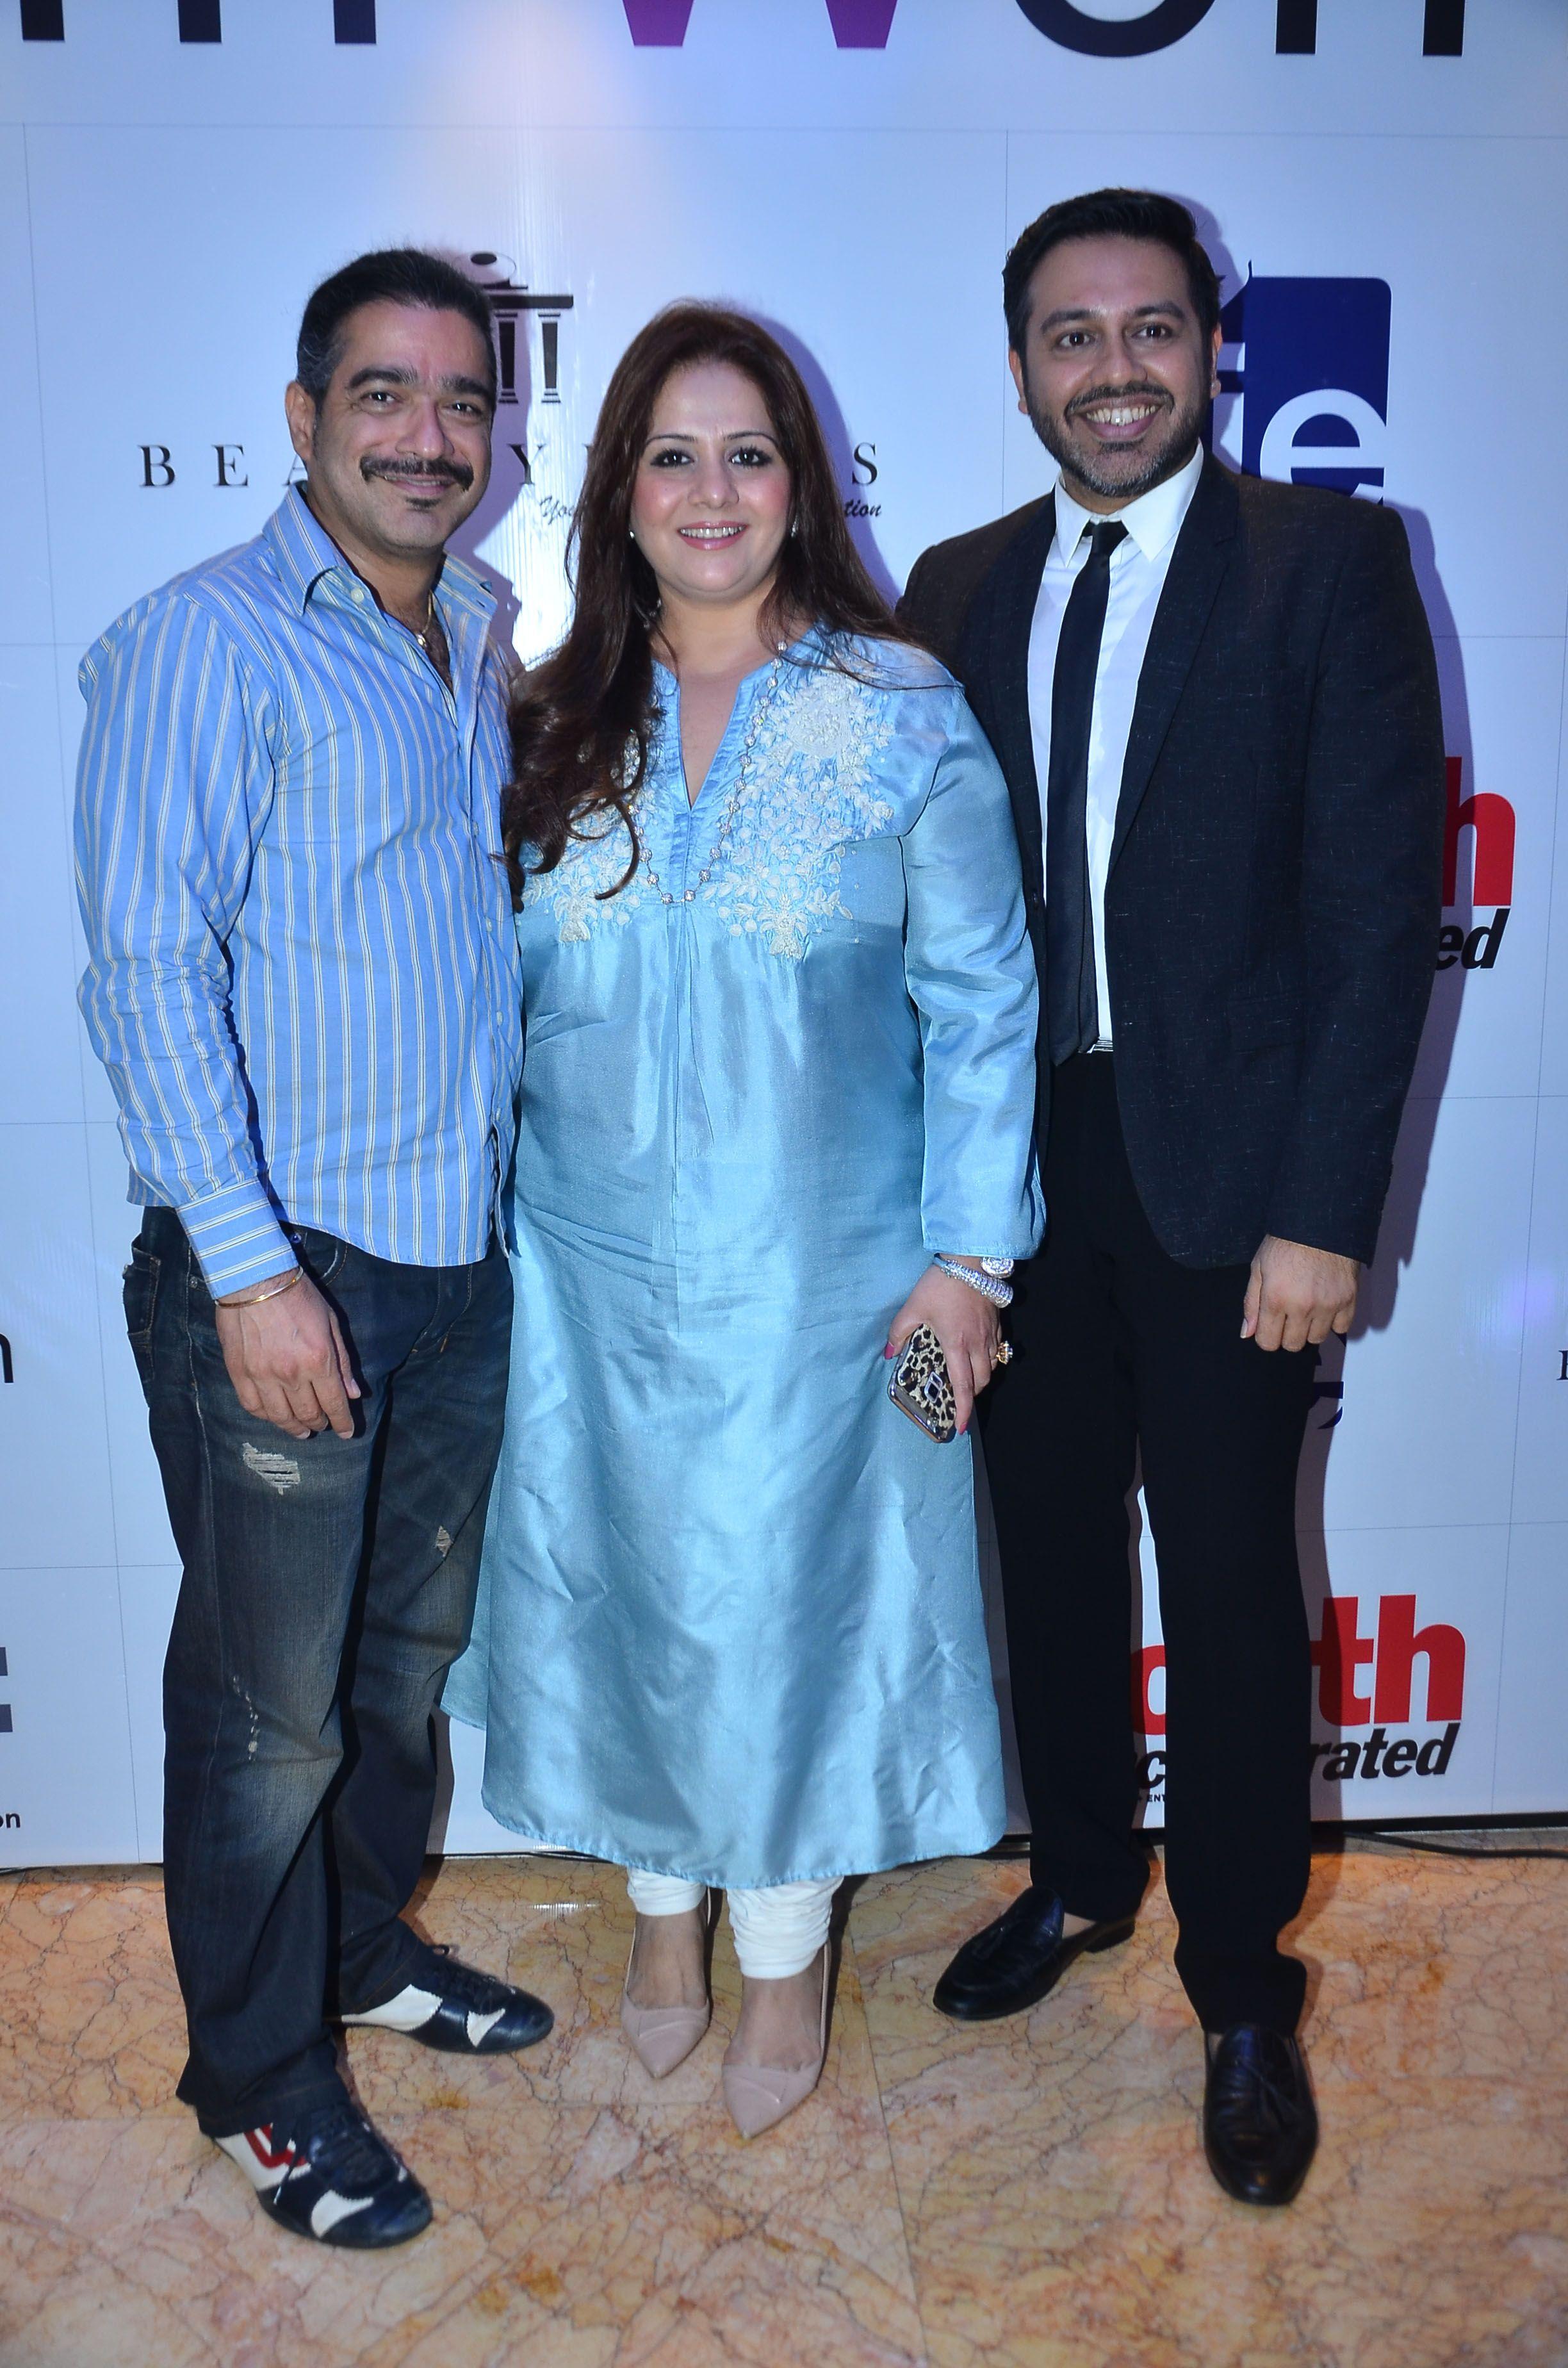 Vinay bhasin kiran bawa and nitish shah at the i am woman event